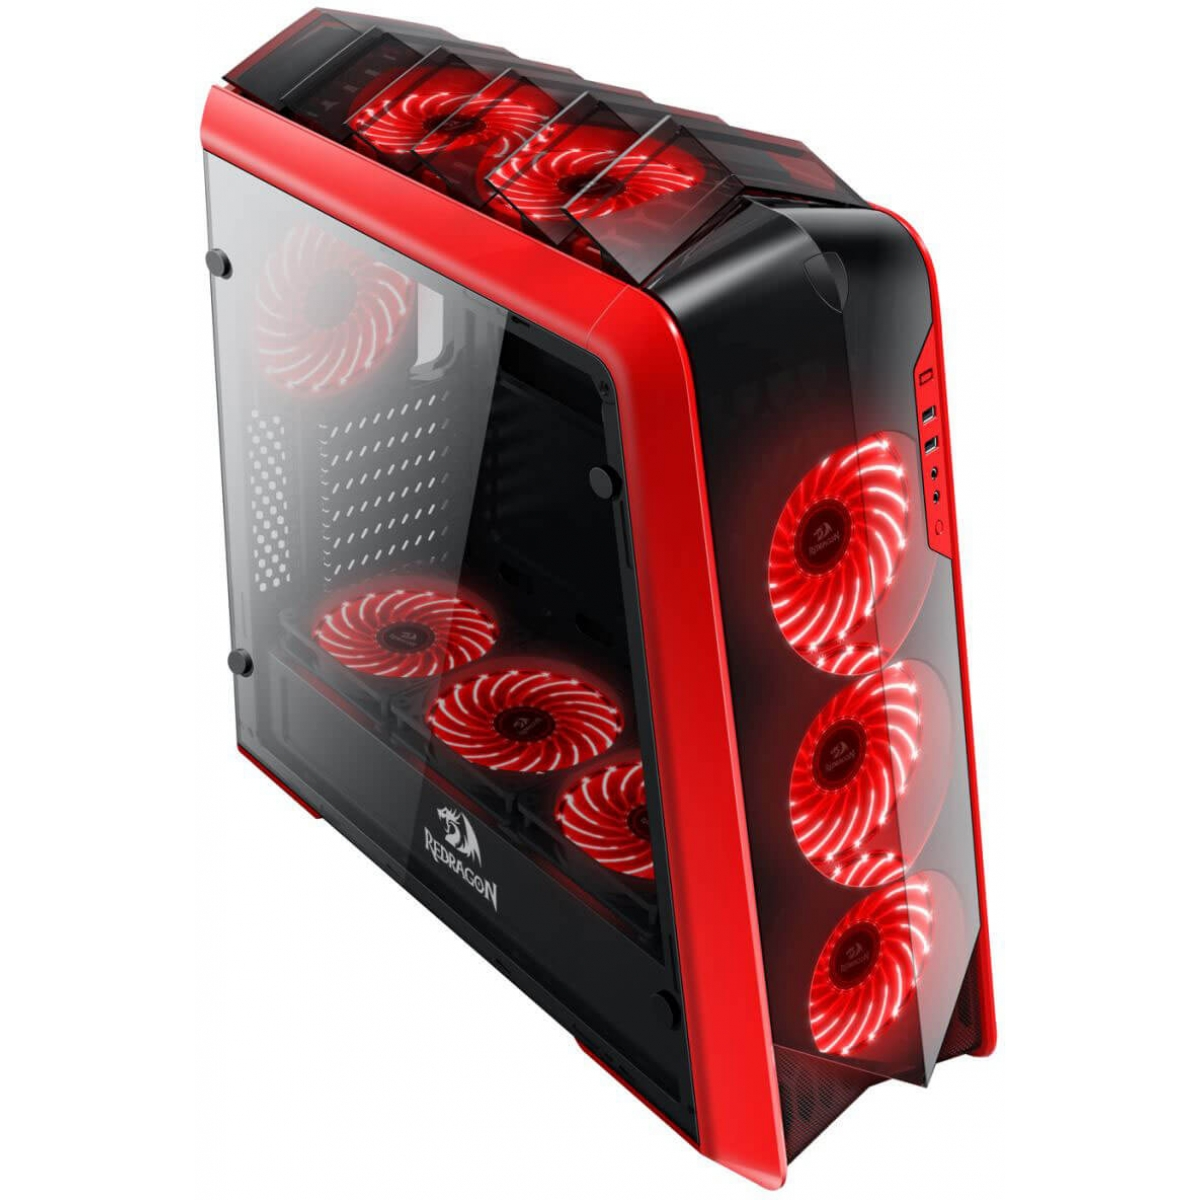 Gabinete Gamer Redragon Jetfire, Mid Tower, Com 3 Fans RGB, Vidro Temperado, Black-Red, Sem Fonte, RD-GC-701